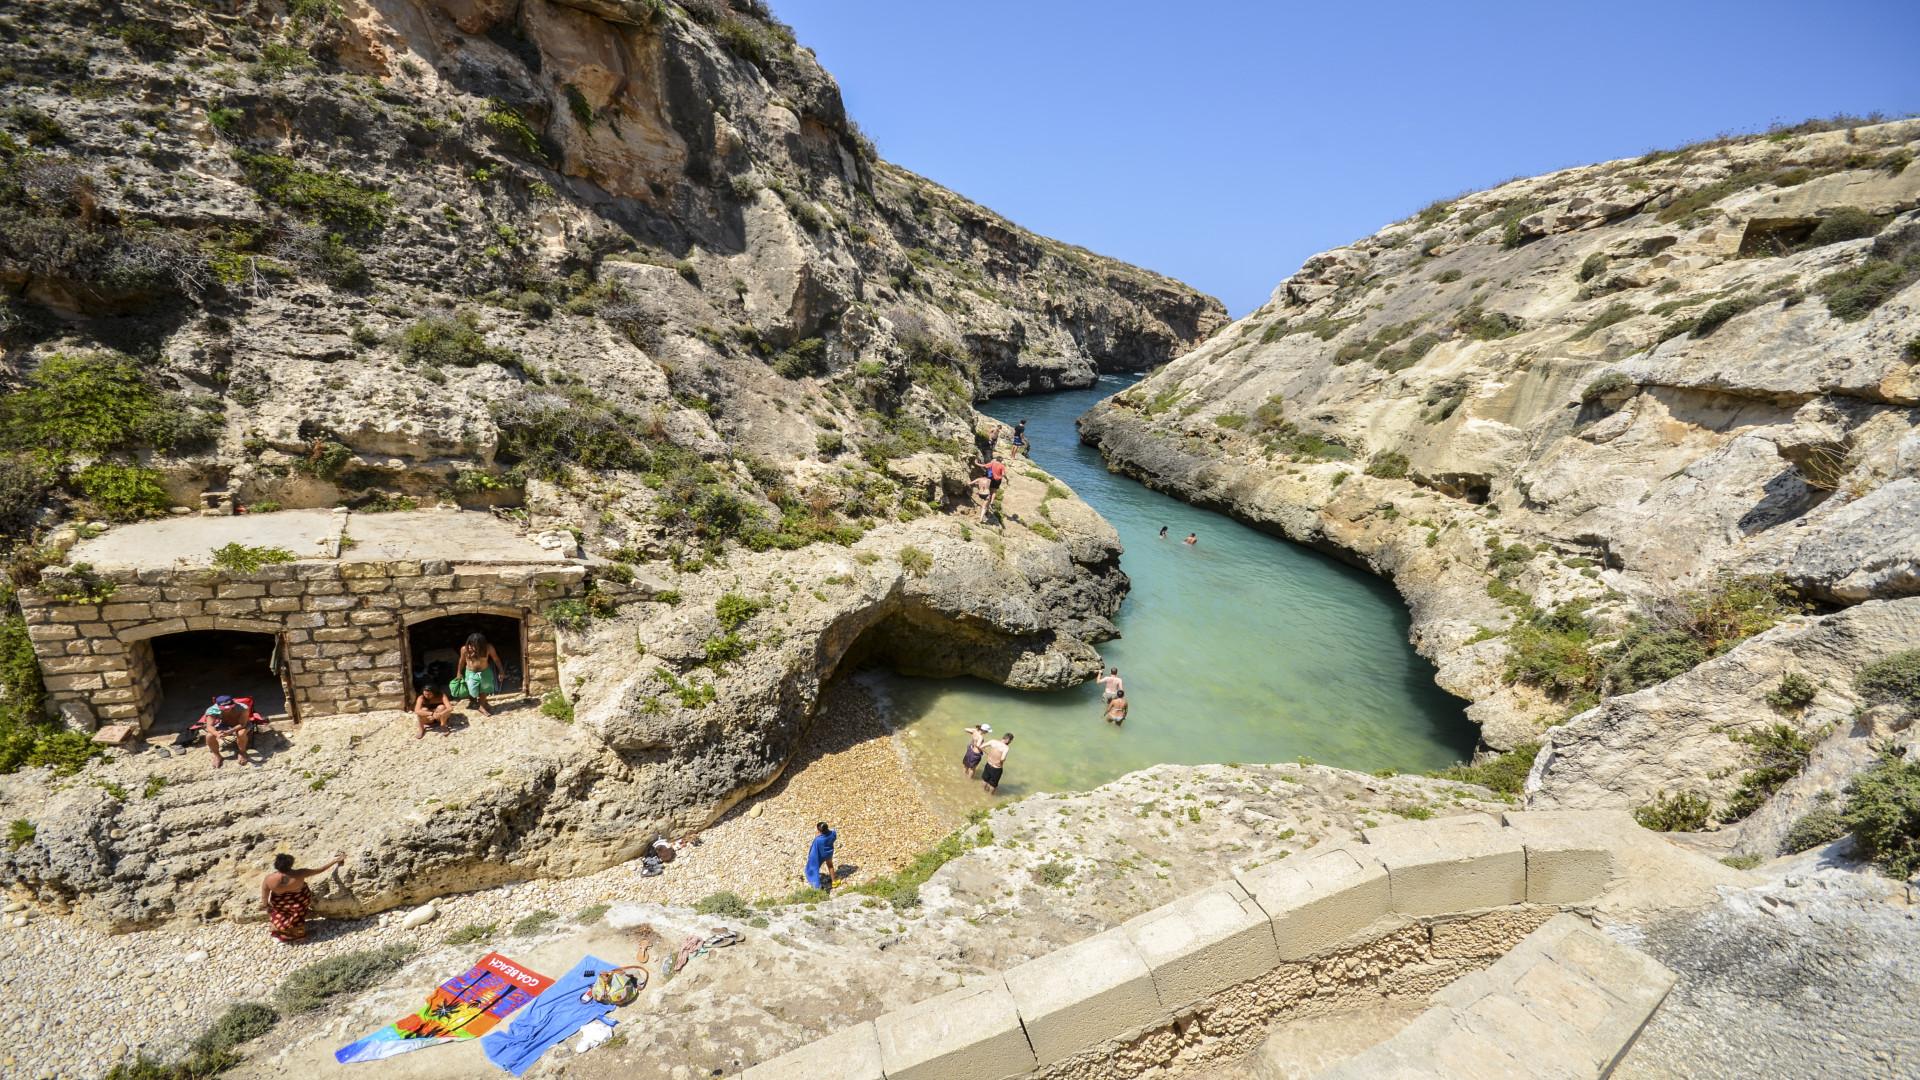 Klein strand tussen kliffen bij Wied il Ghasri, Gozo, Malta